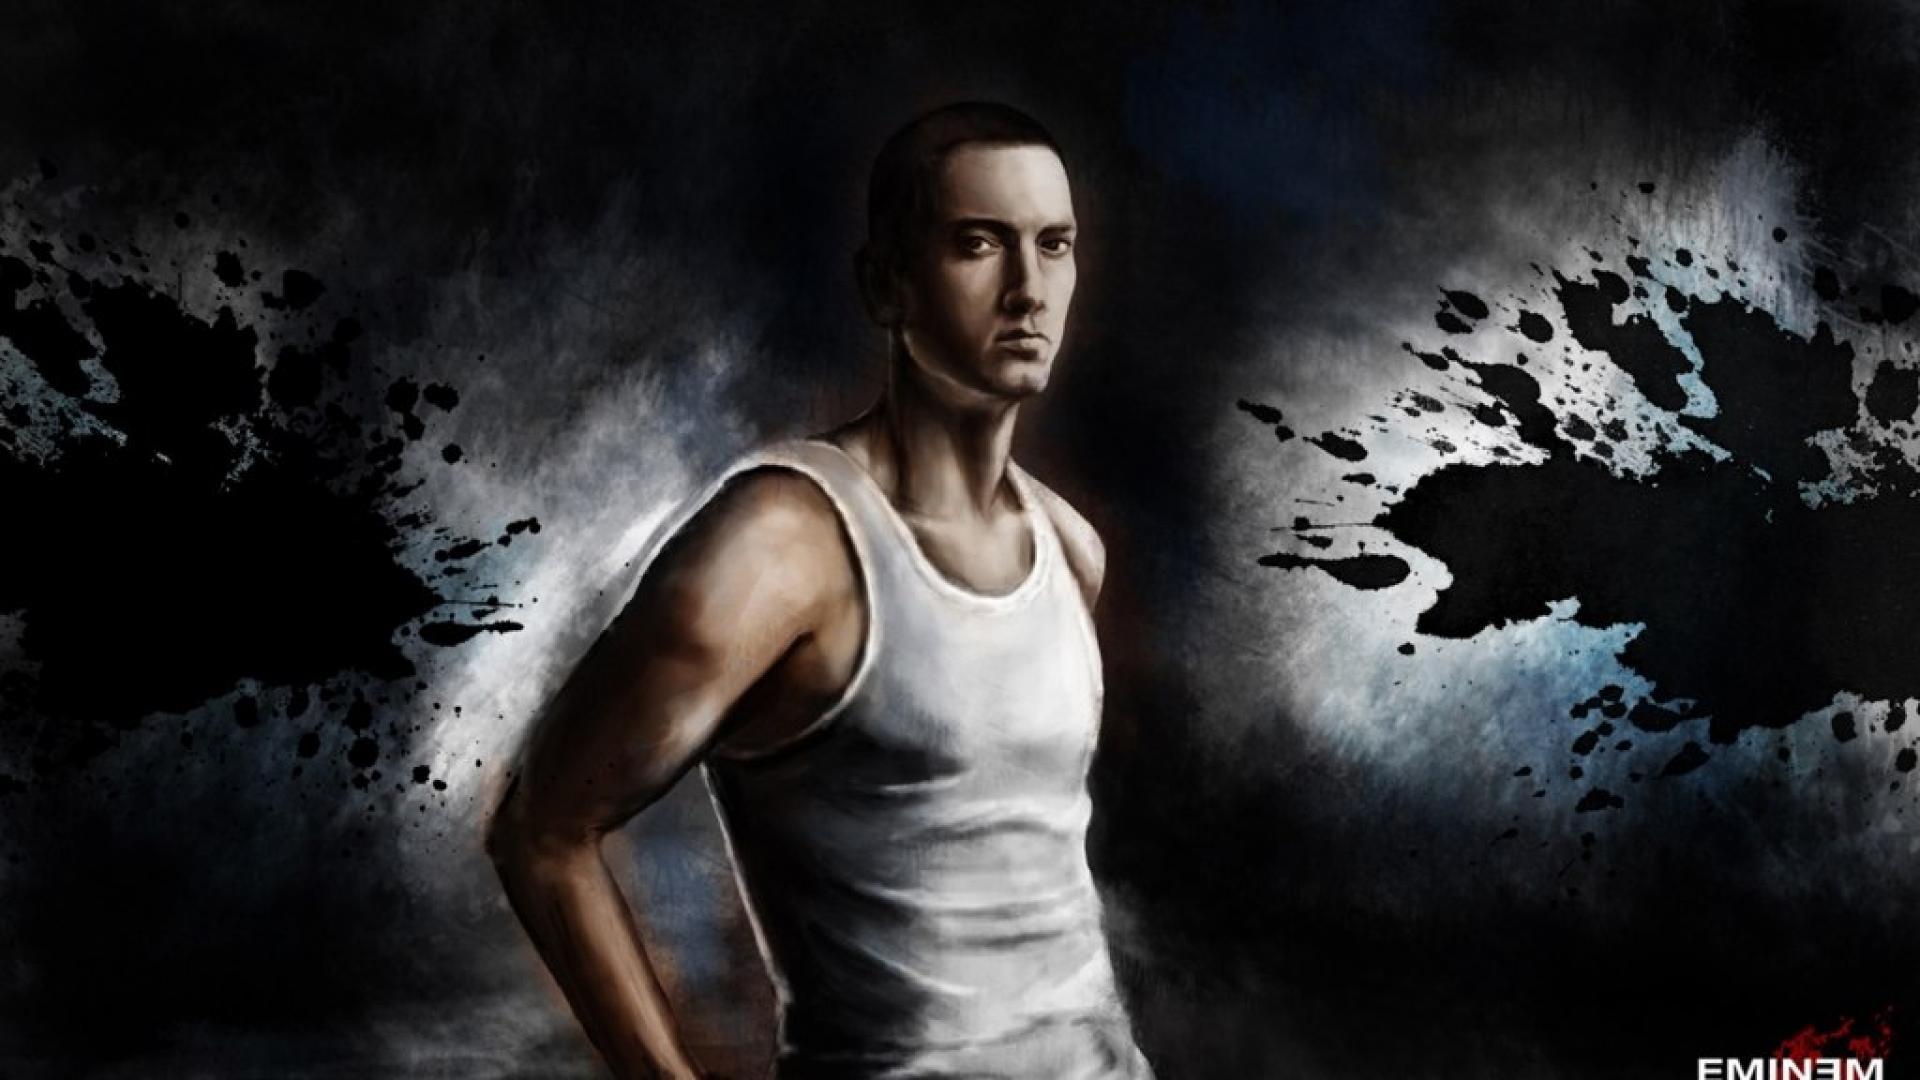 Eminem Wallpapers HD white vest